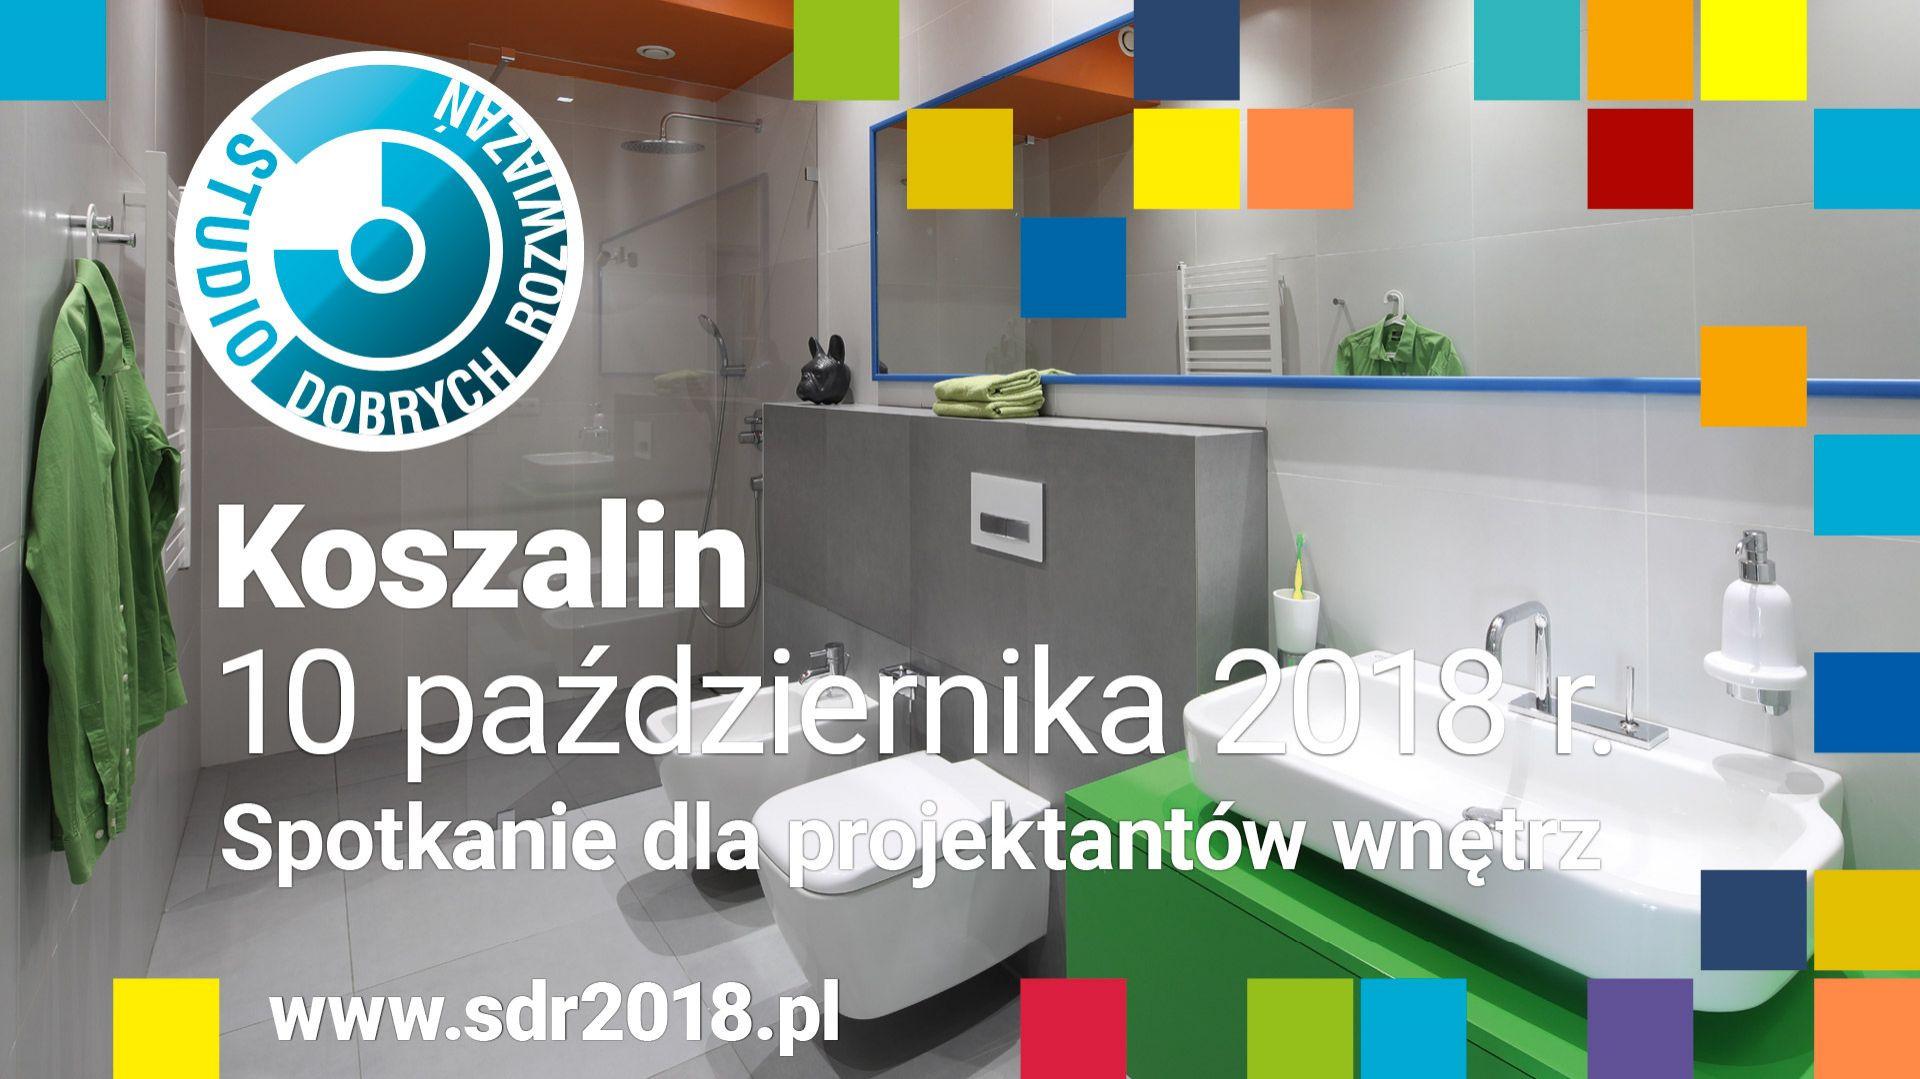 Studio Dobrych Rozwiązań w Koszalinie - 10 października 2018.